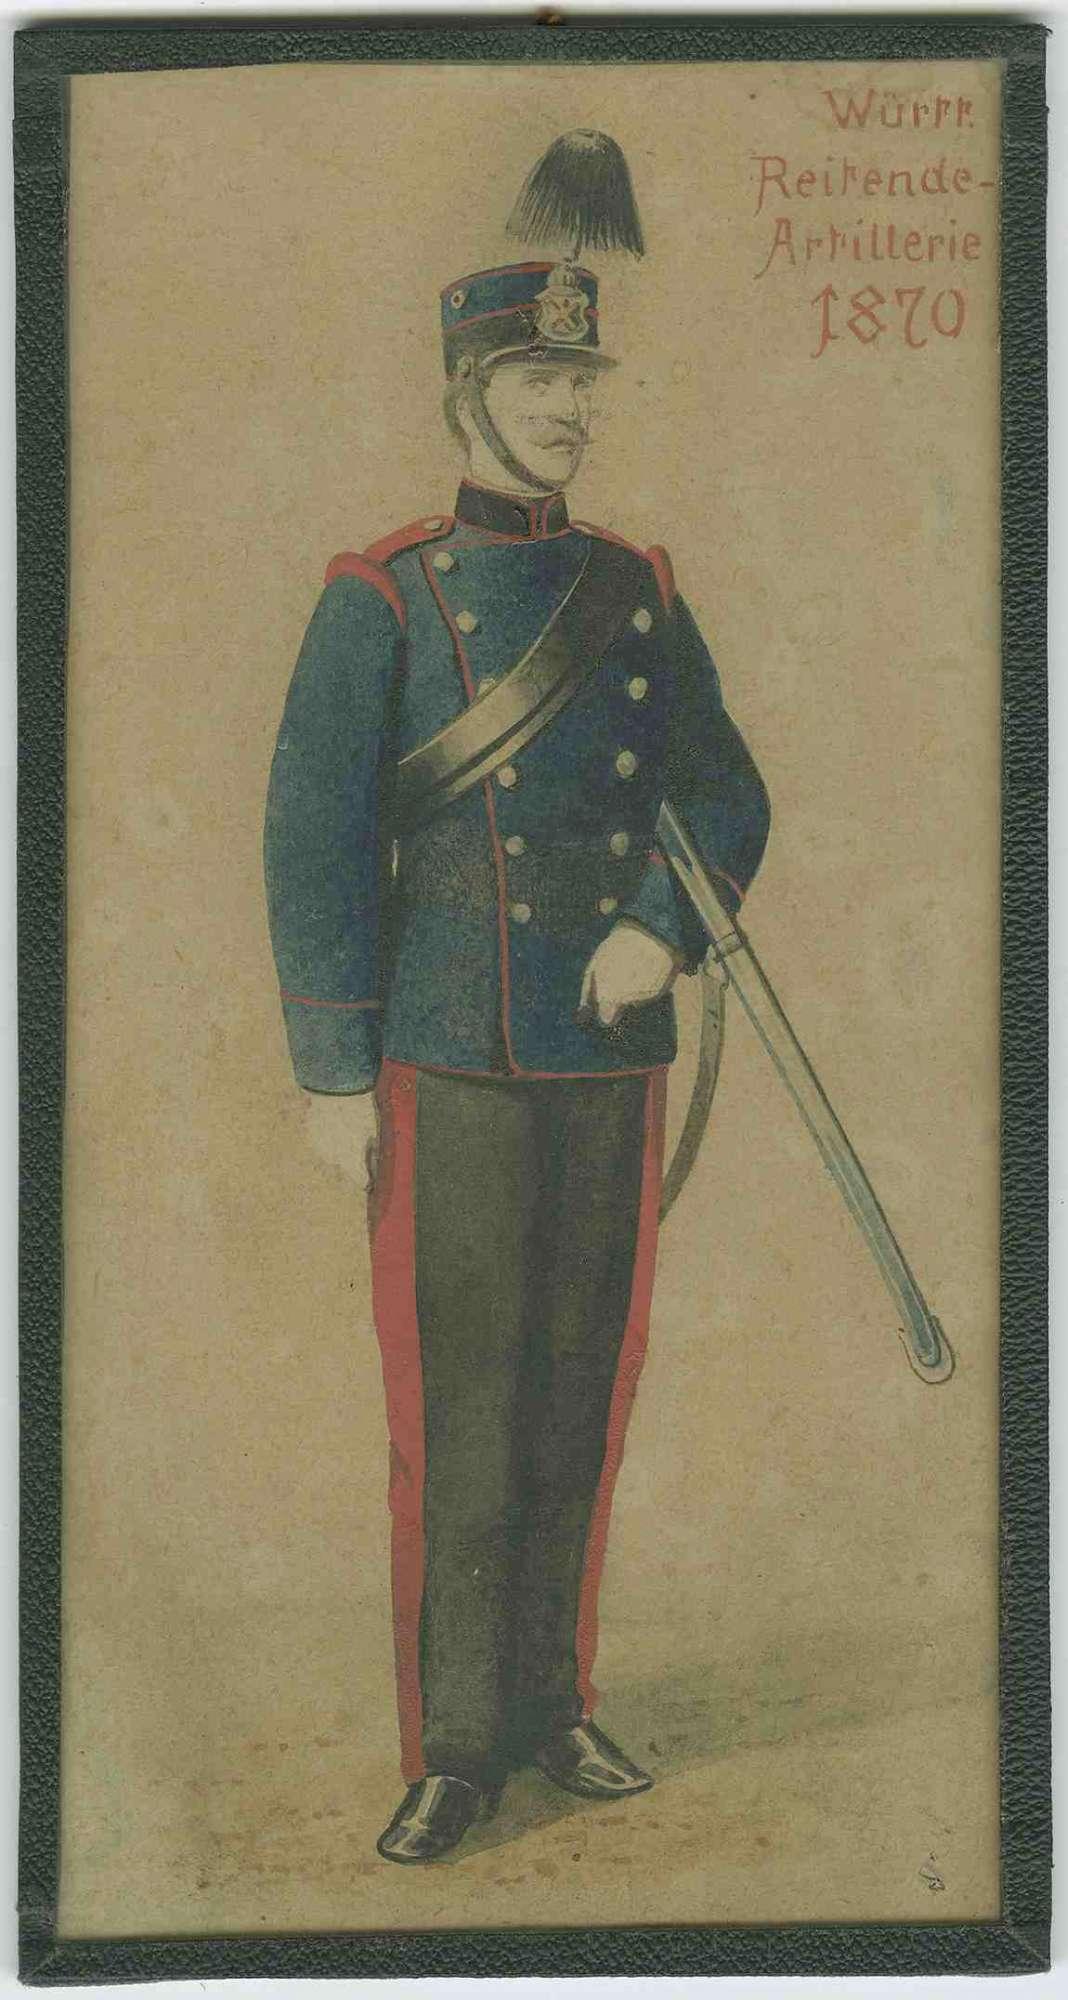 Soldat der Württ. Reitenden Artillerie 1870 in Uniform mit Mütze [Quelle: Hauptstaatsarchiv Stuttgart]